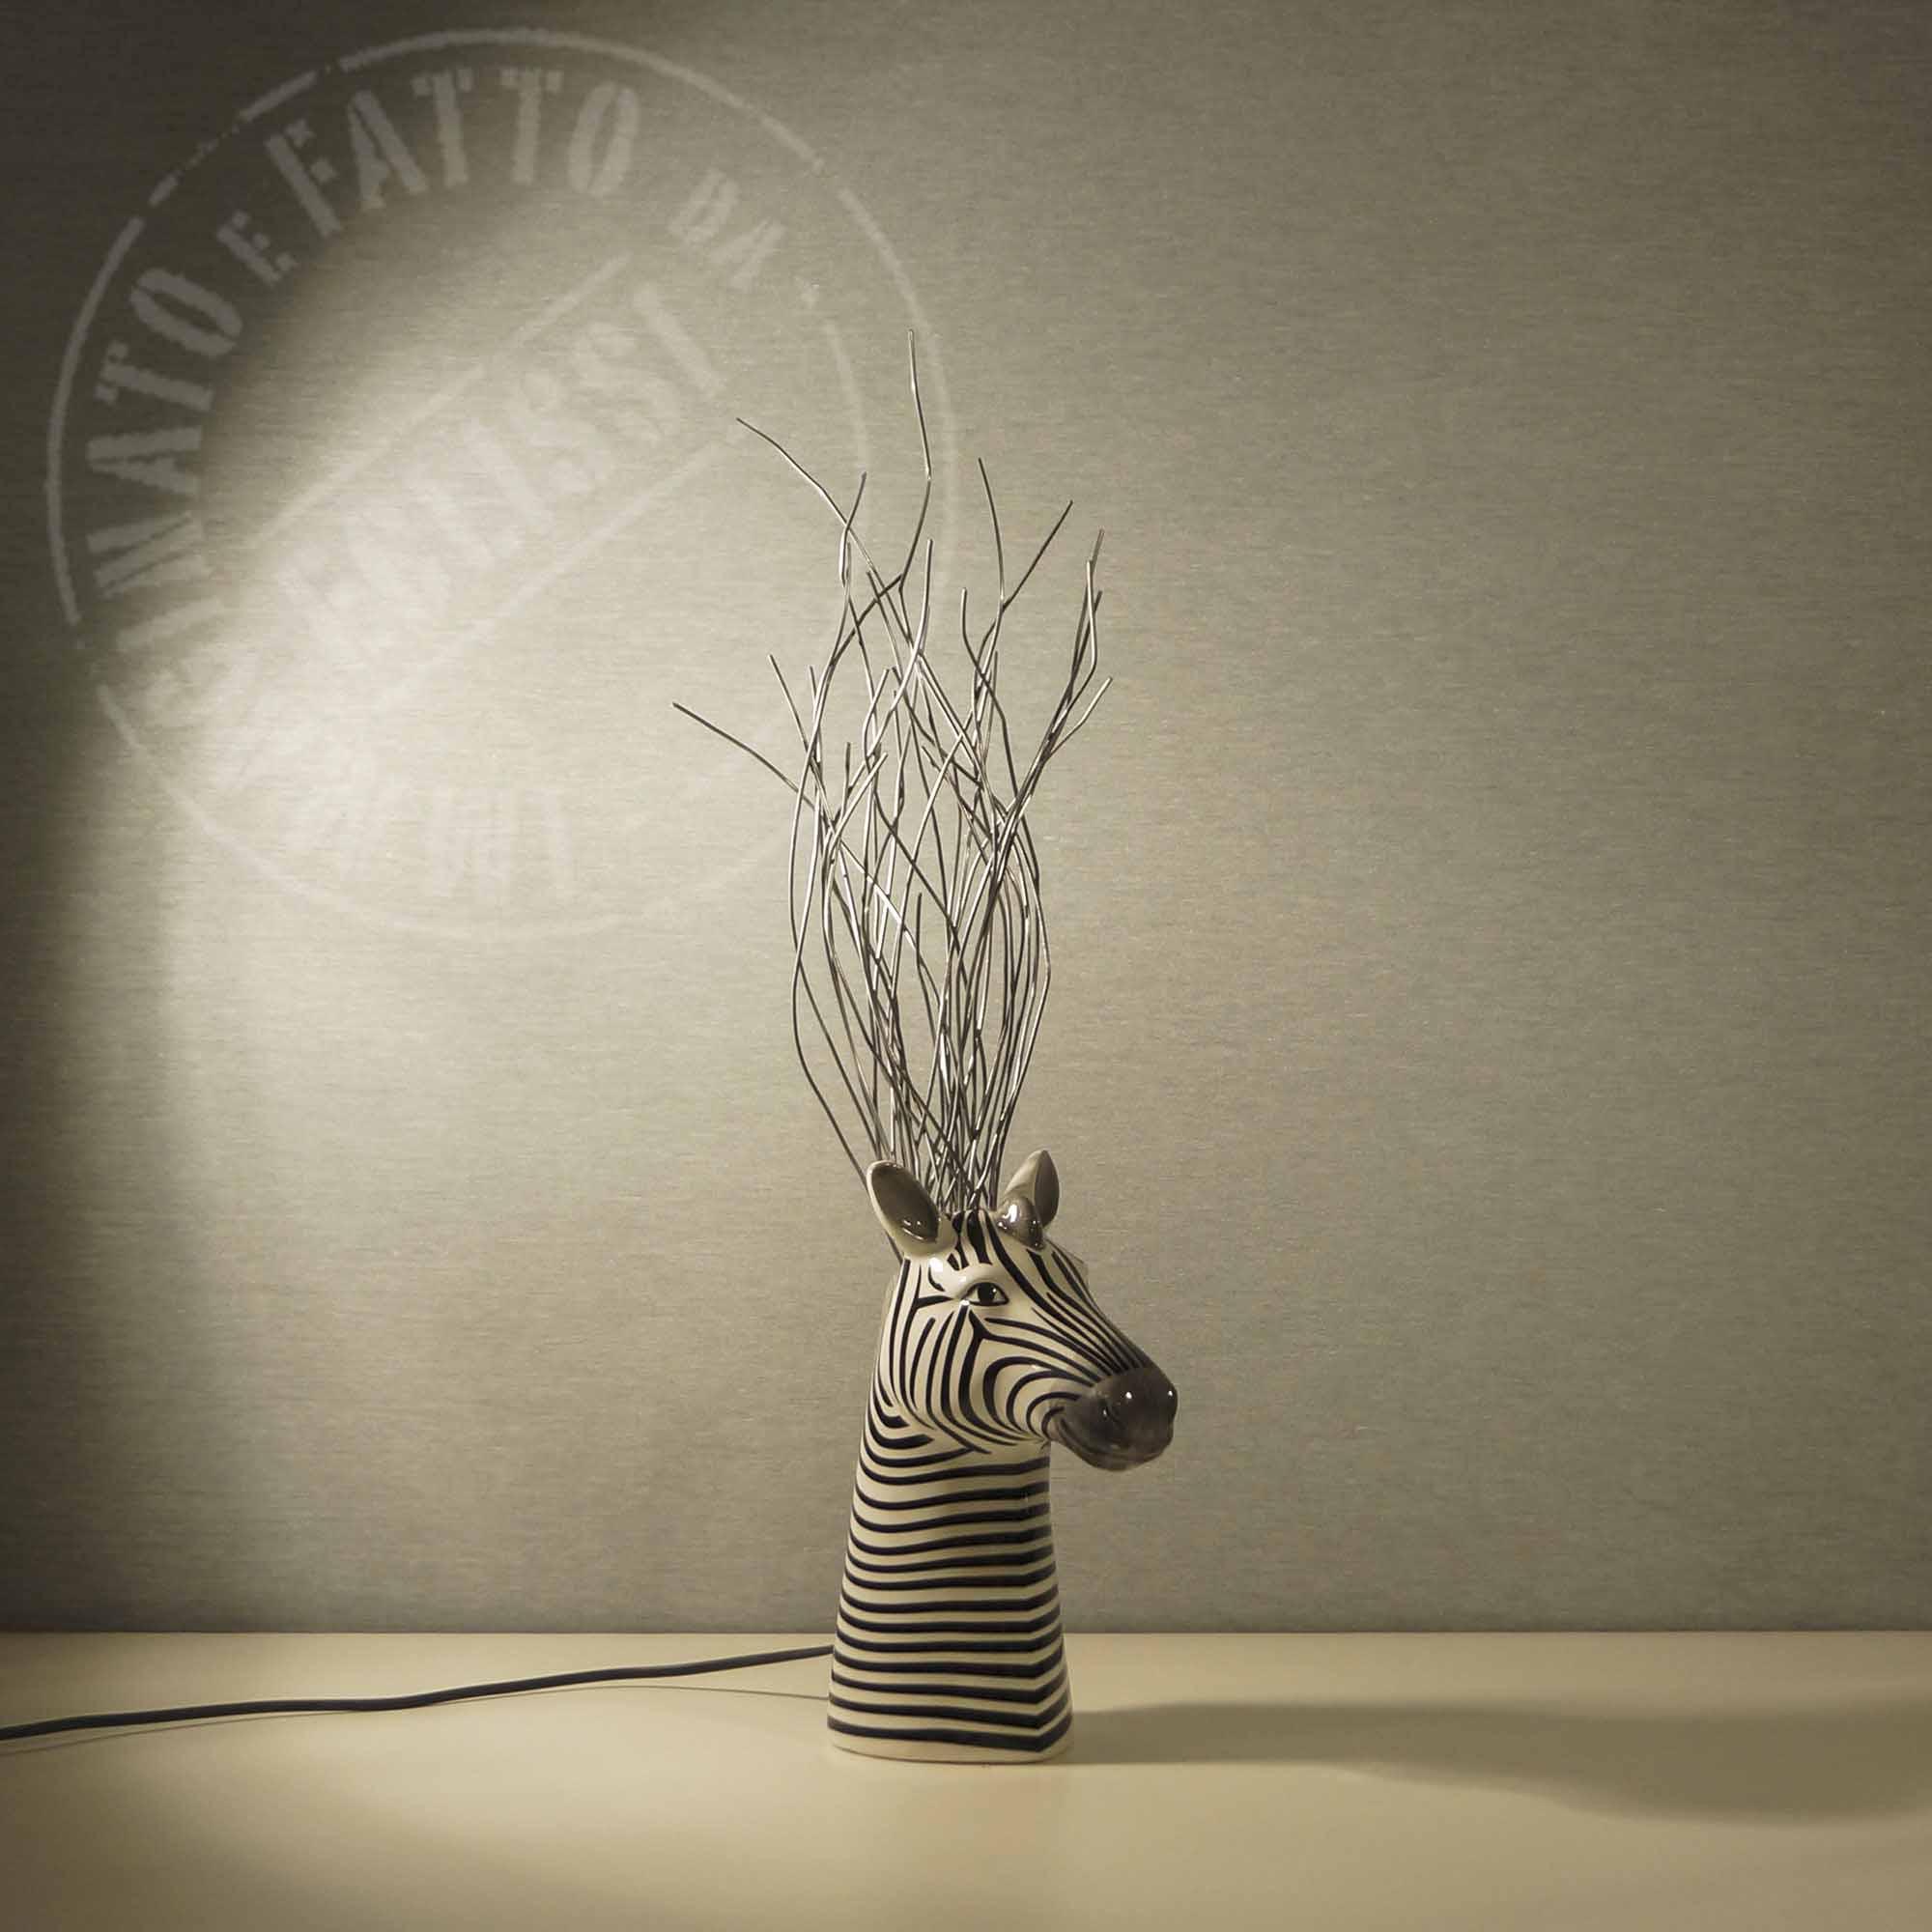 Lampada zebra con fili di metallo